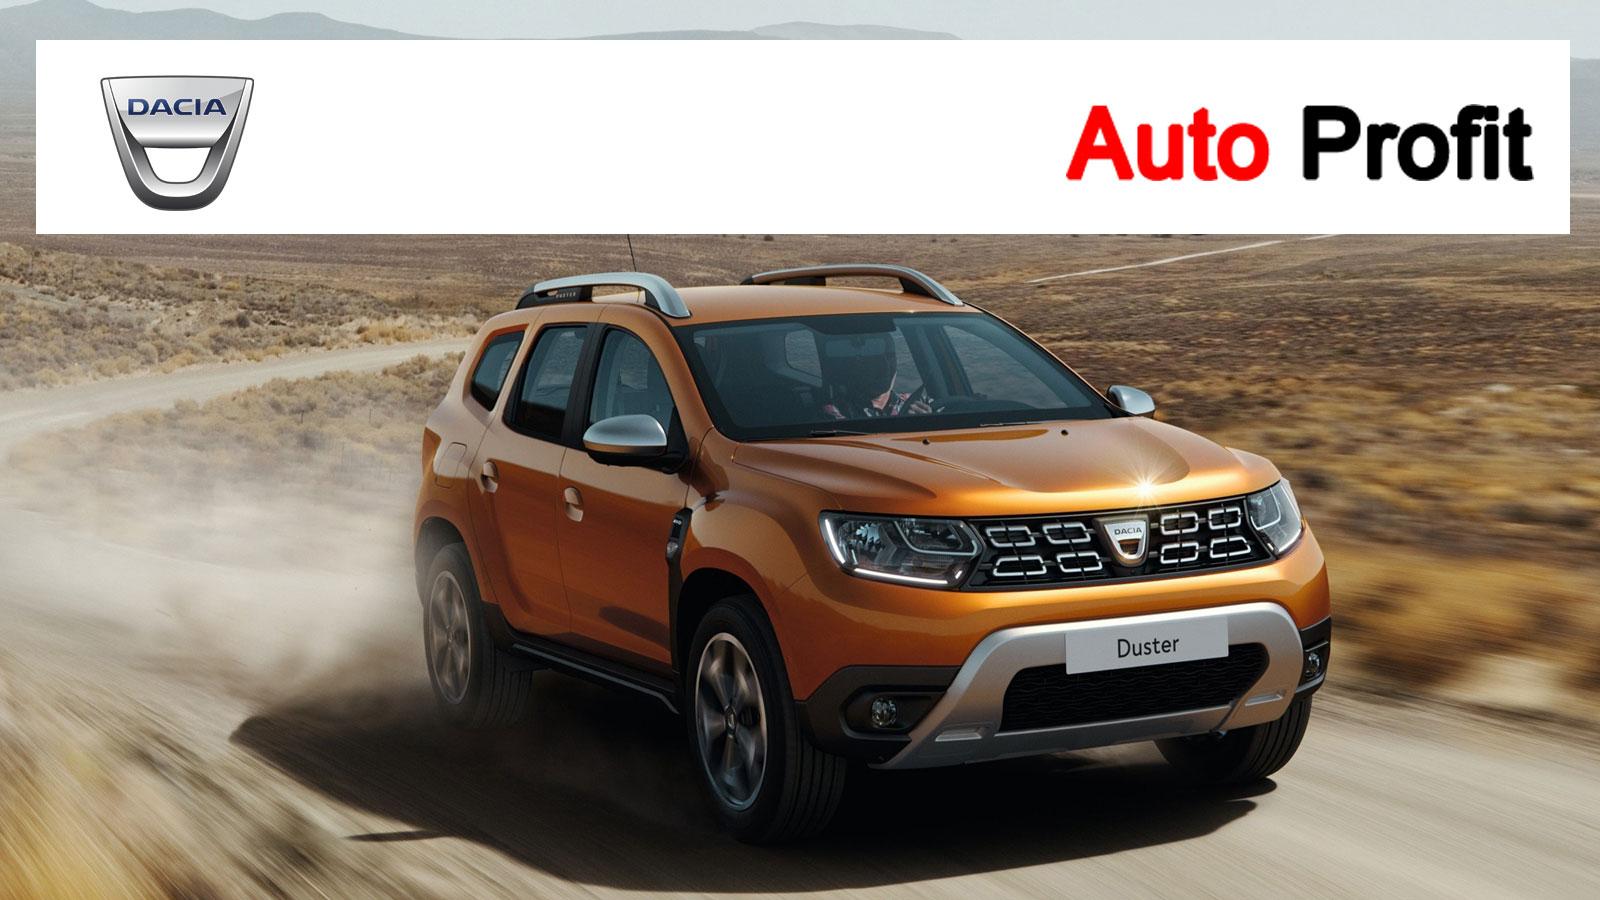 Στην Auto Profit θα βρείτε μια μεγάλη γκάμα καινούργιων οχημάτων Renault, Dacia και Suzuki, επαγγελματικών και επιλεγμένα μεταχειρισμένα